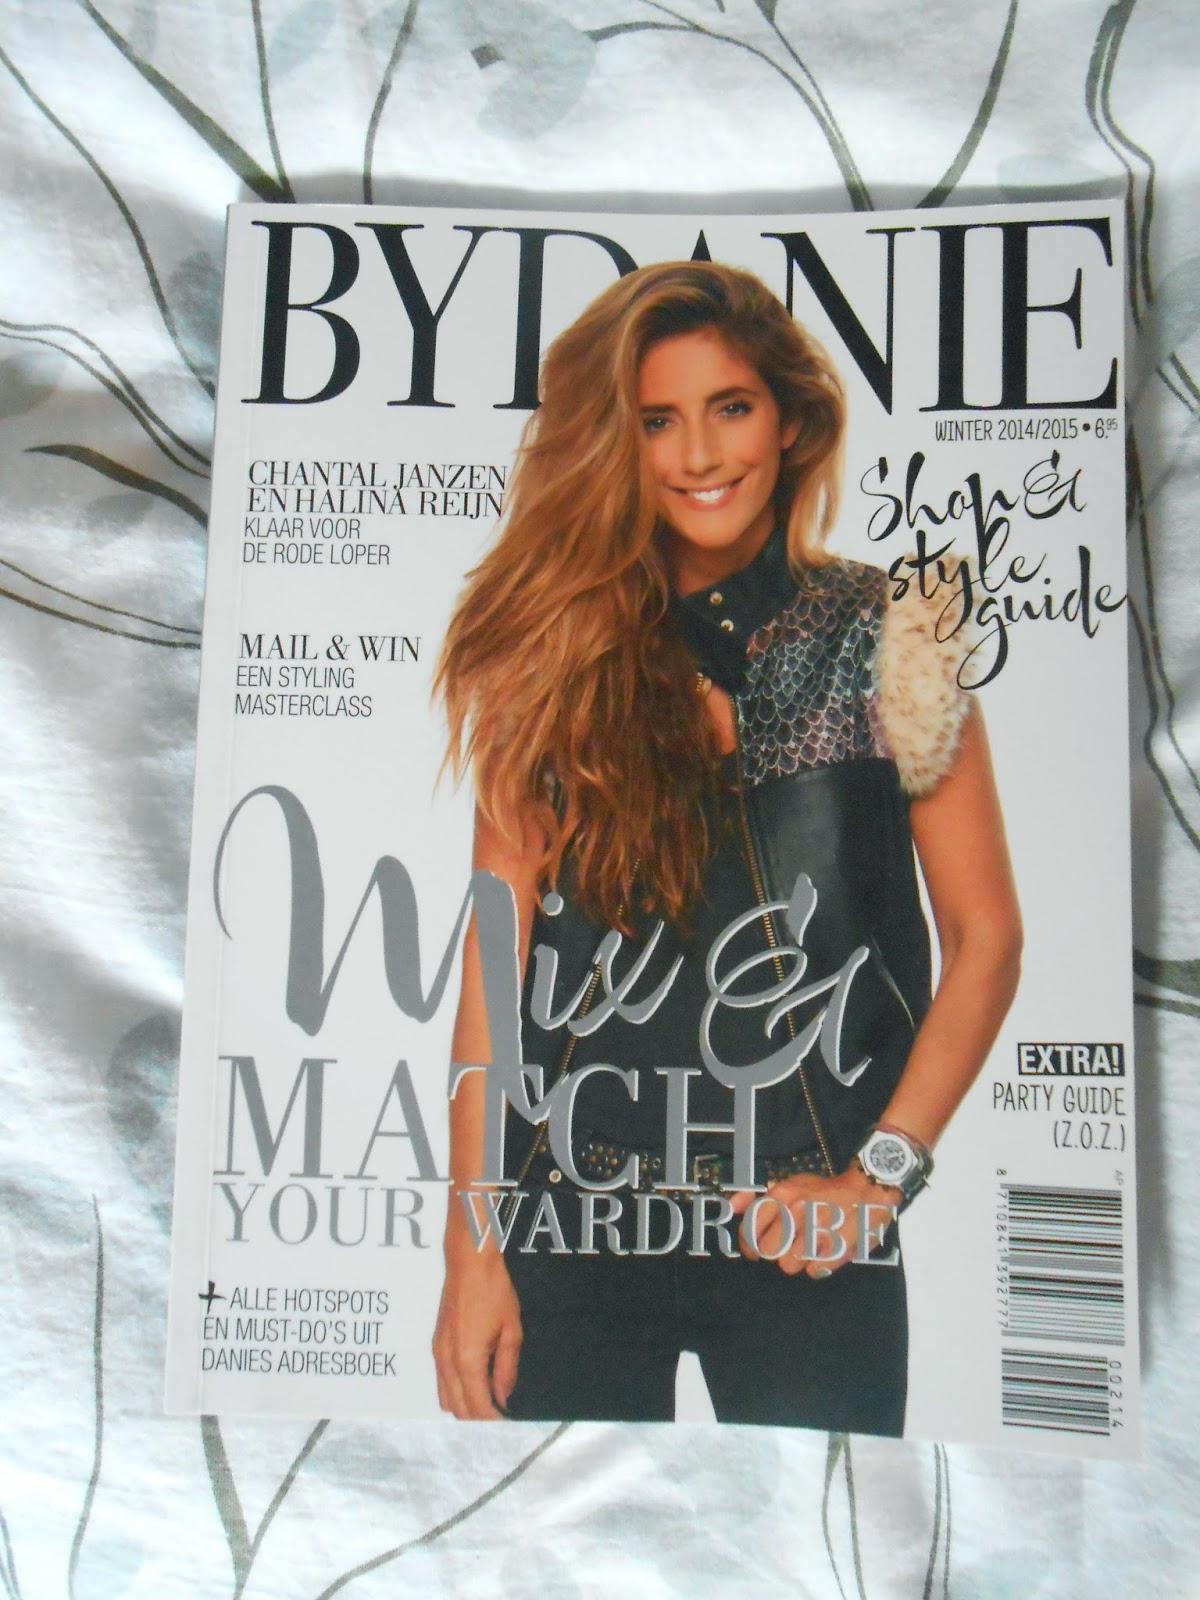 BYDANIE Shop & Styleguide winter 2014/2015